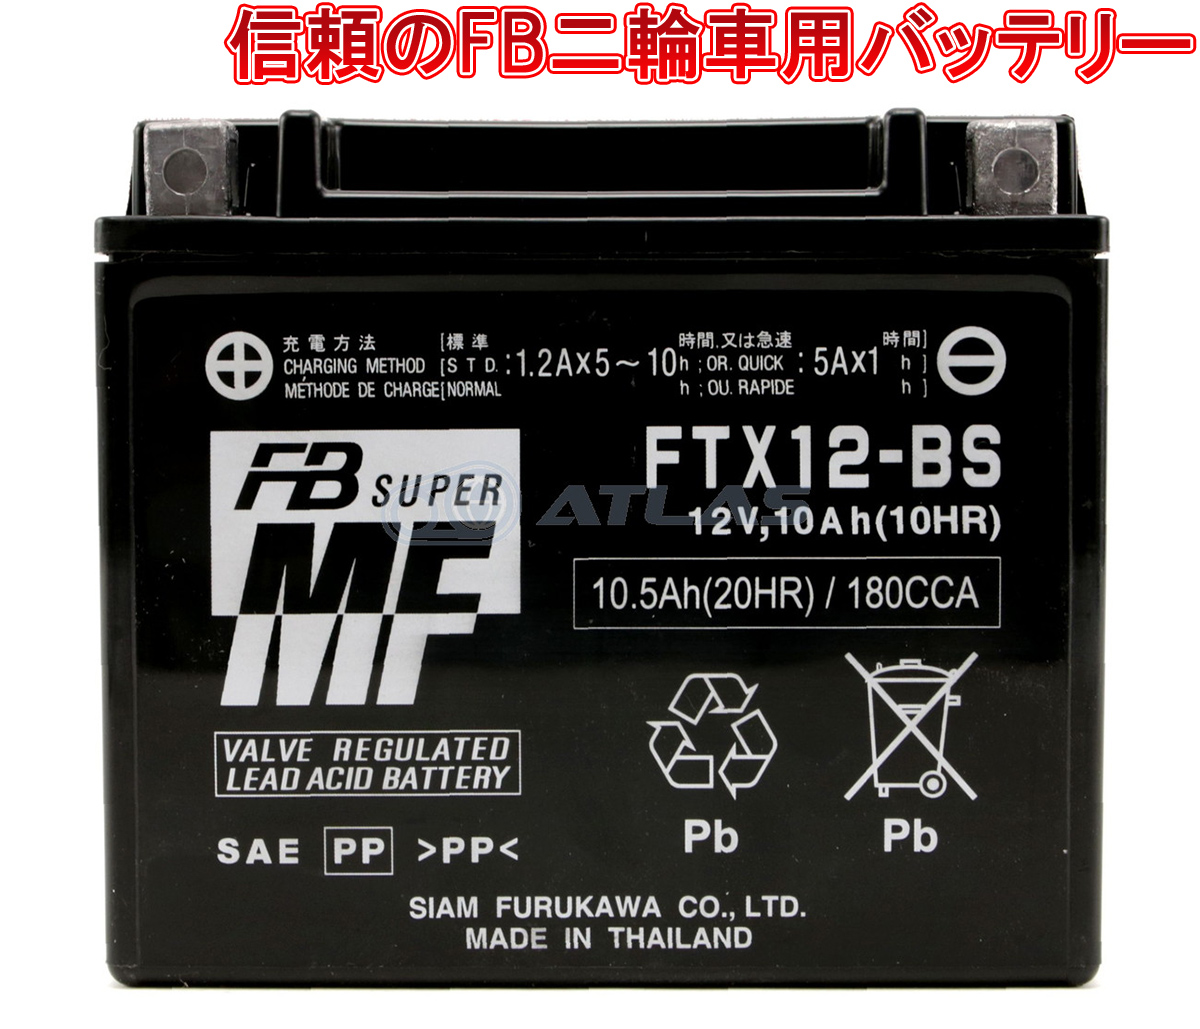 安心の国内正規品 メーカー保証付き LINE友だちクーポン発行中 バイク バッテリー古河電池 FURUKAWA BATTERY GTX12-BS 互換YTX12-BS 新作からSALEアイテム等お得な商品 満載 メーカー1年保証 特価 液入り充電済み FTX12-BS DTX12-BS